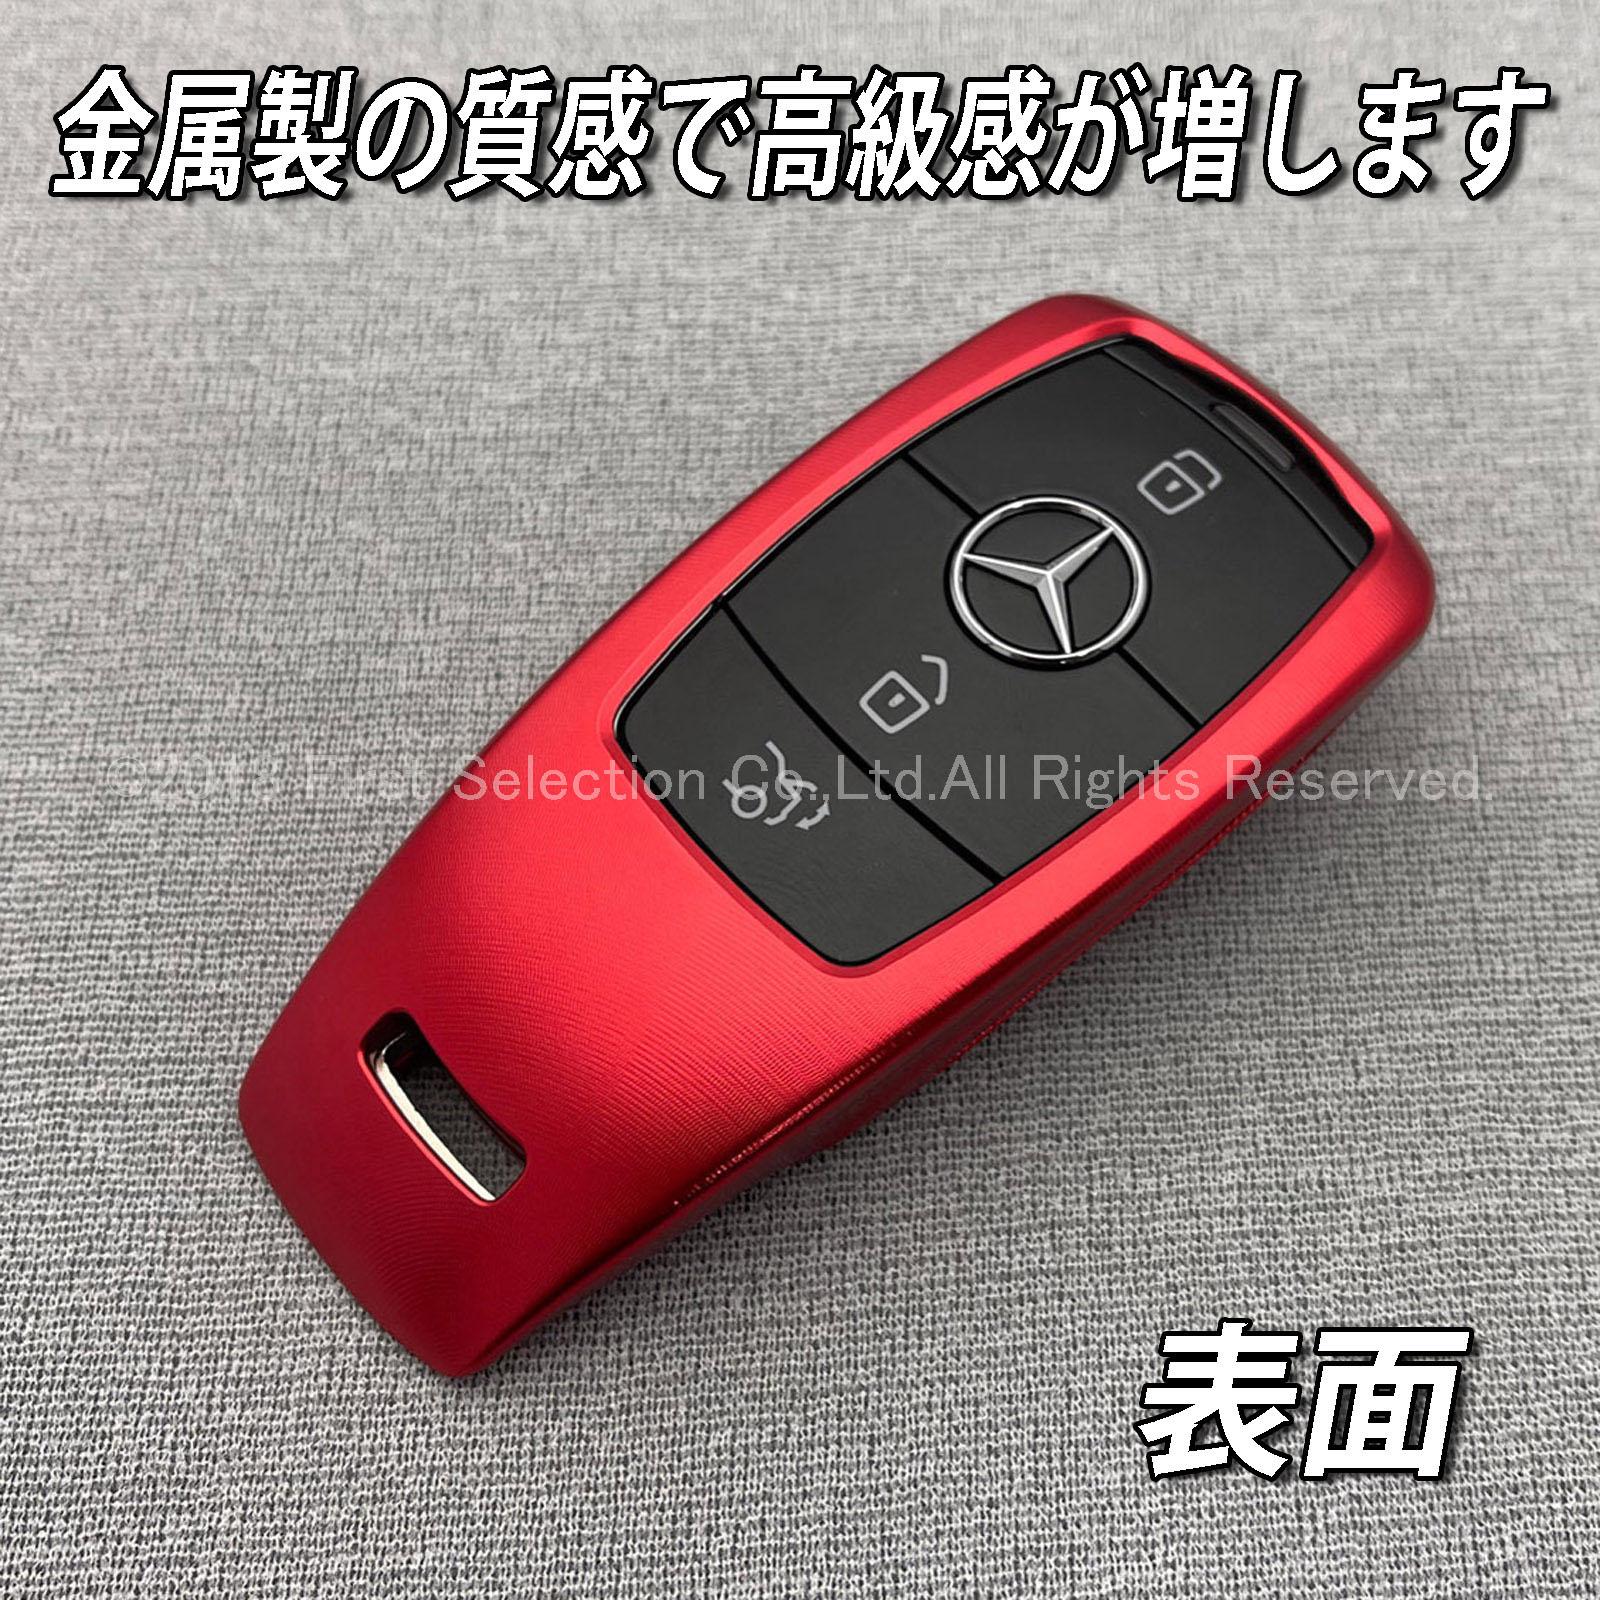 Mercedes-Benz ベンツ 新型スマートキー用 軽量金属製スマートキーカバー赤 W177 V177 W247 W205 W213 W222 C118 C257 H247 X247 X167